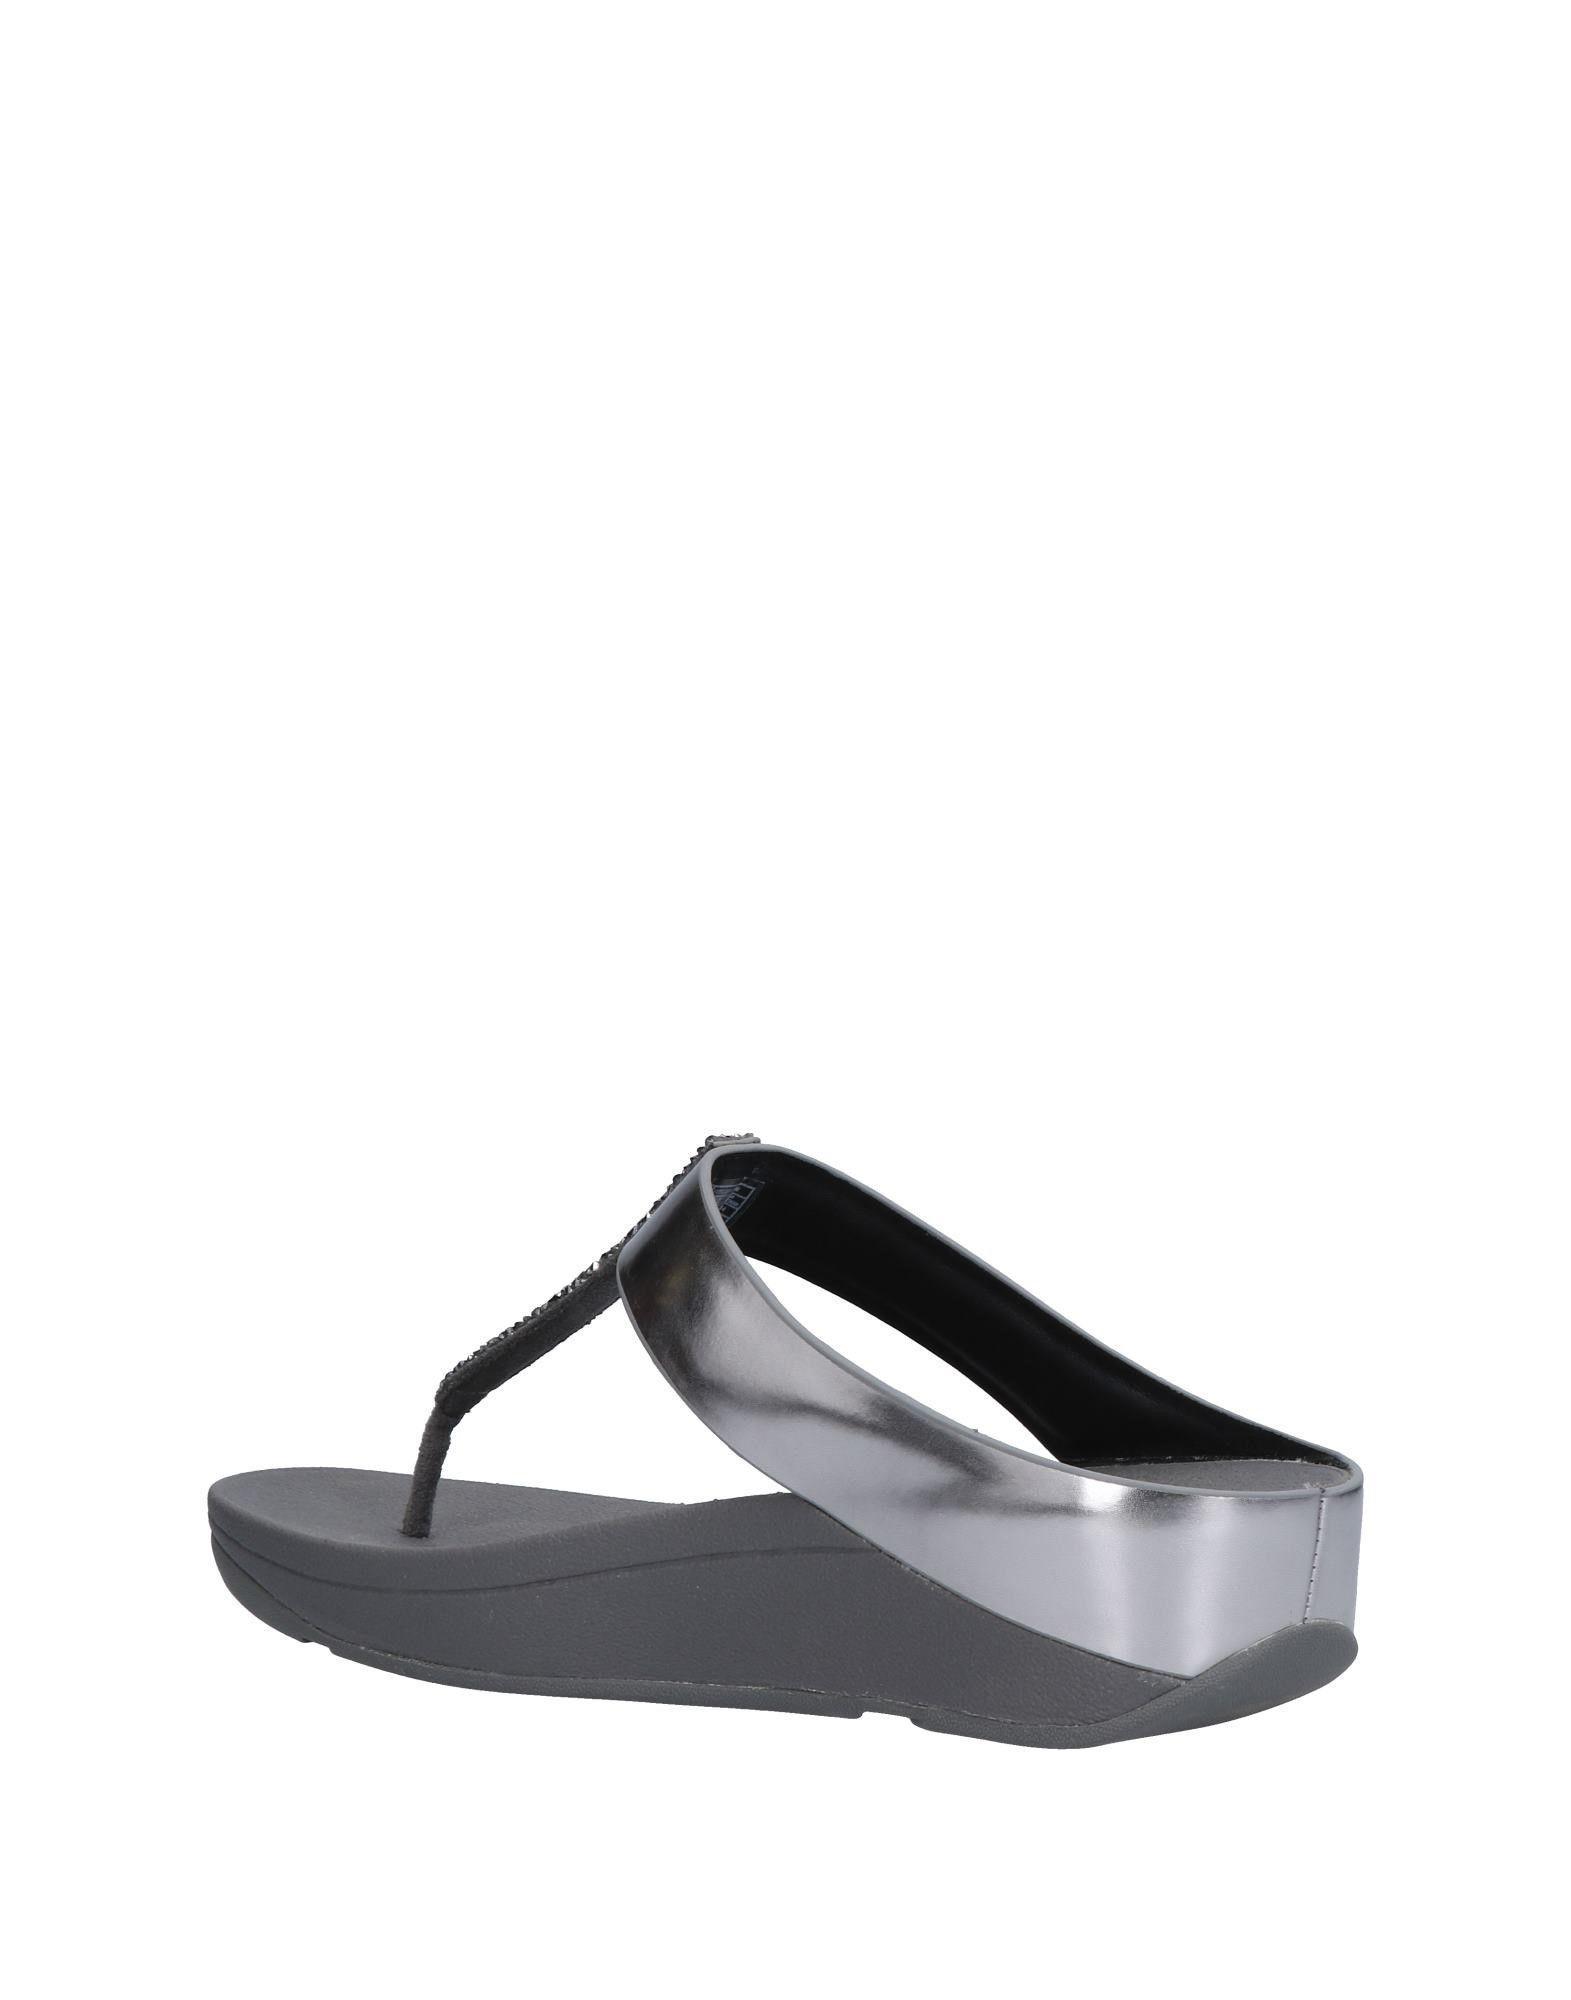 Fitflop Dianetten Damen  11503543NO Schuhe Gute Qualität beliebte Schuhe 11503543NO 7c795d